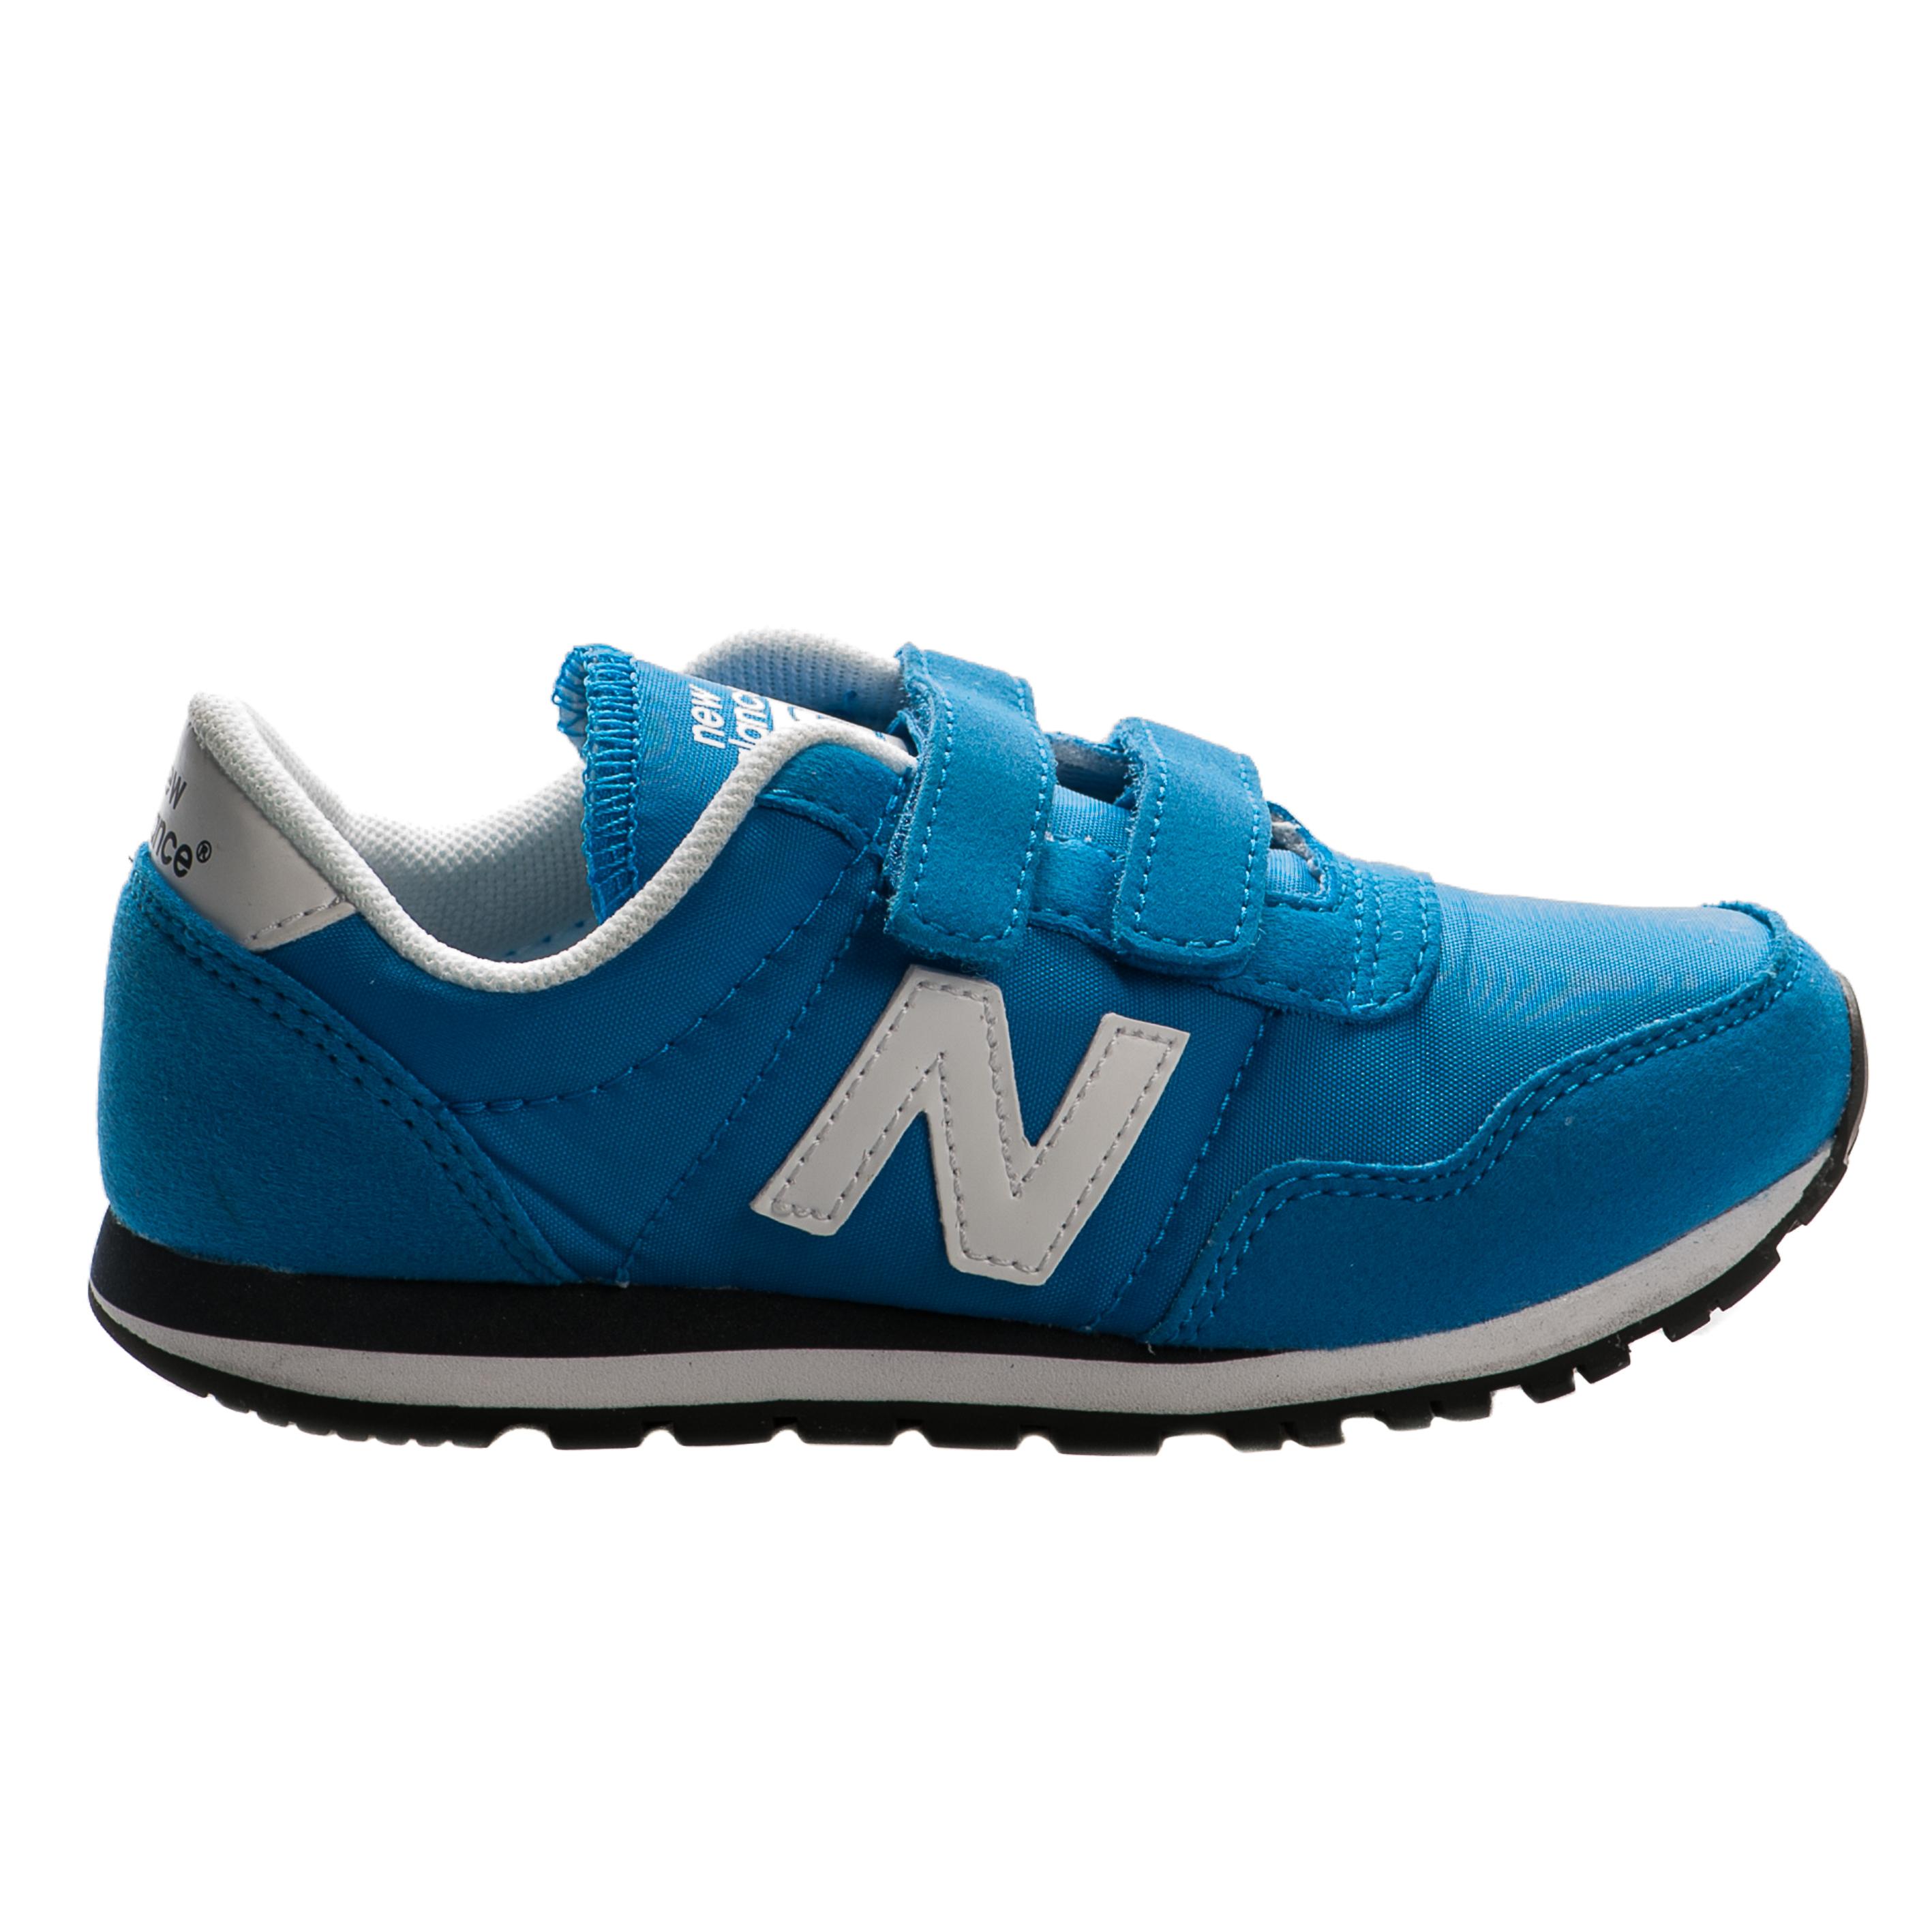 1100a55cce64b ... pouvez-vous laver New Balance chaussures dans la machine à laver ...